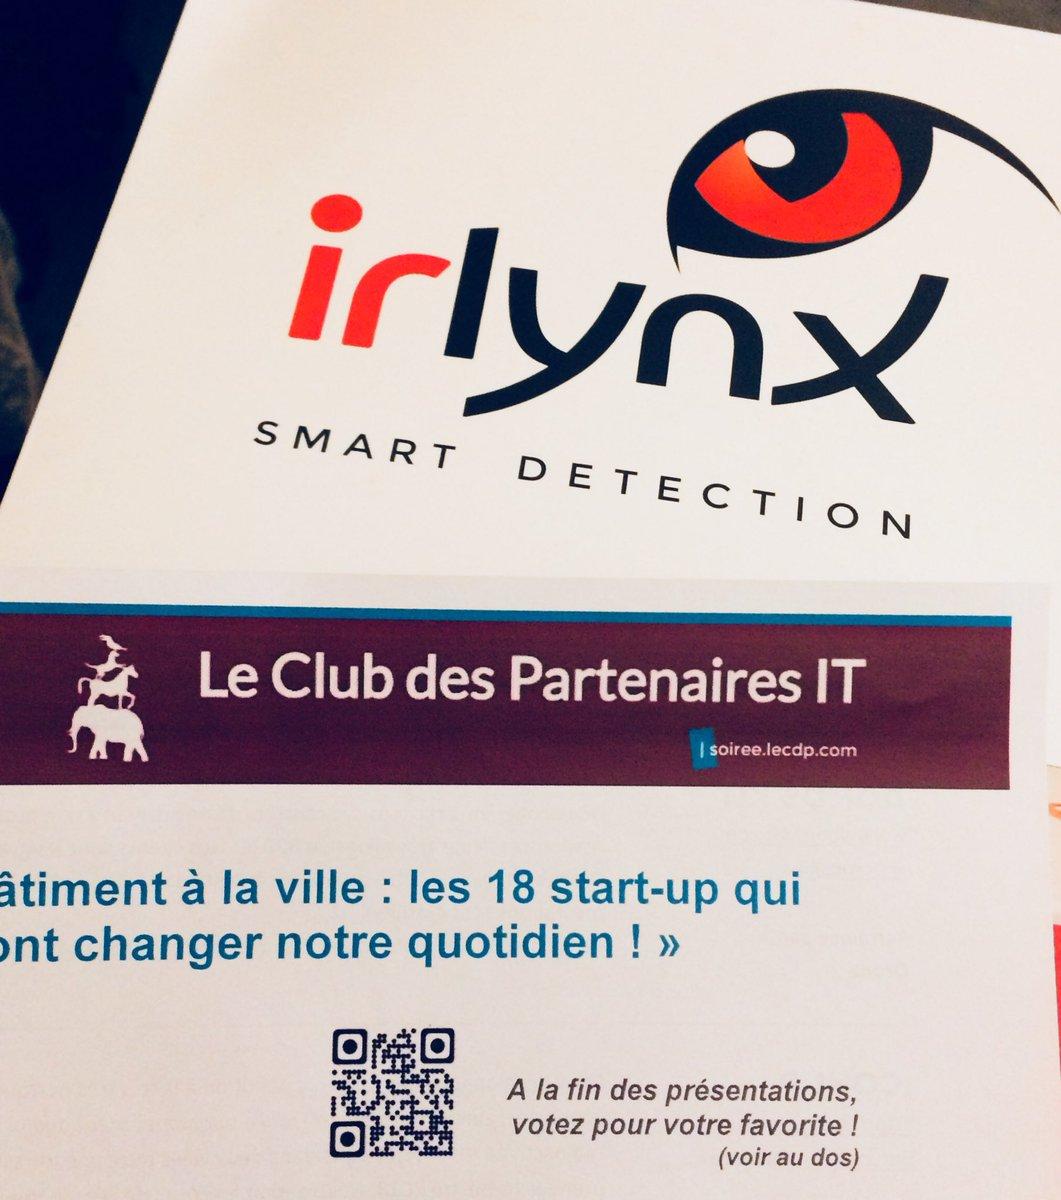 test Twitter Media - Irlynx présent à la grande soirée du club des partenaires IT pour présenter ses capteurs IOT pour le bâtiment intelligent. #lecdp #alliancy https://t.co/tlvejh65t4